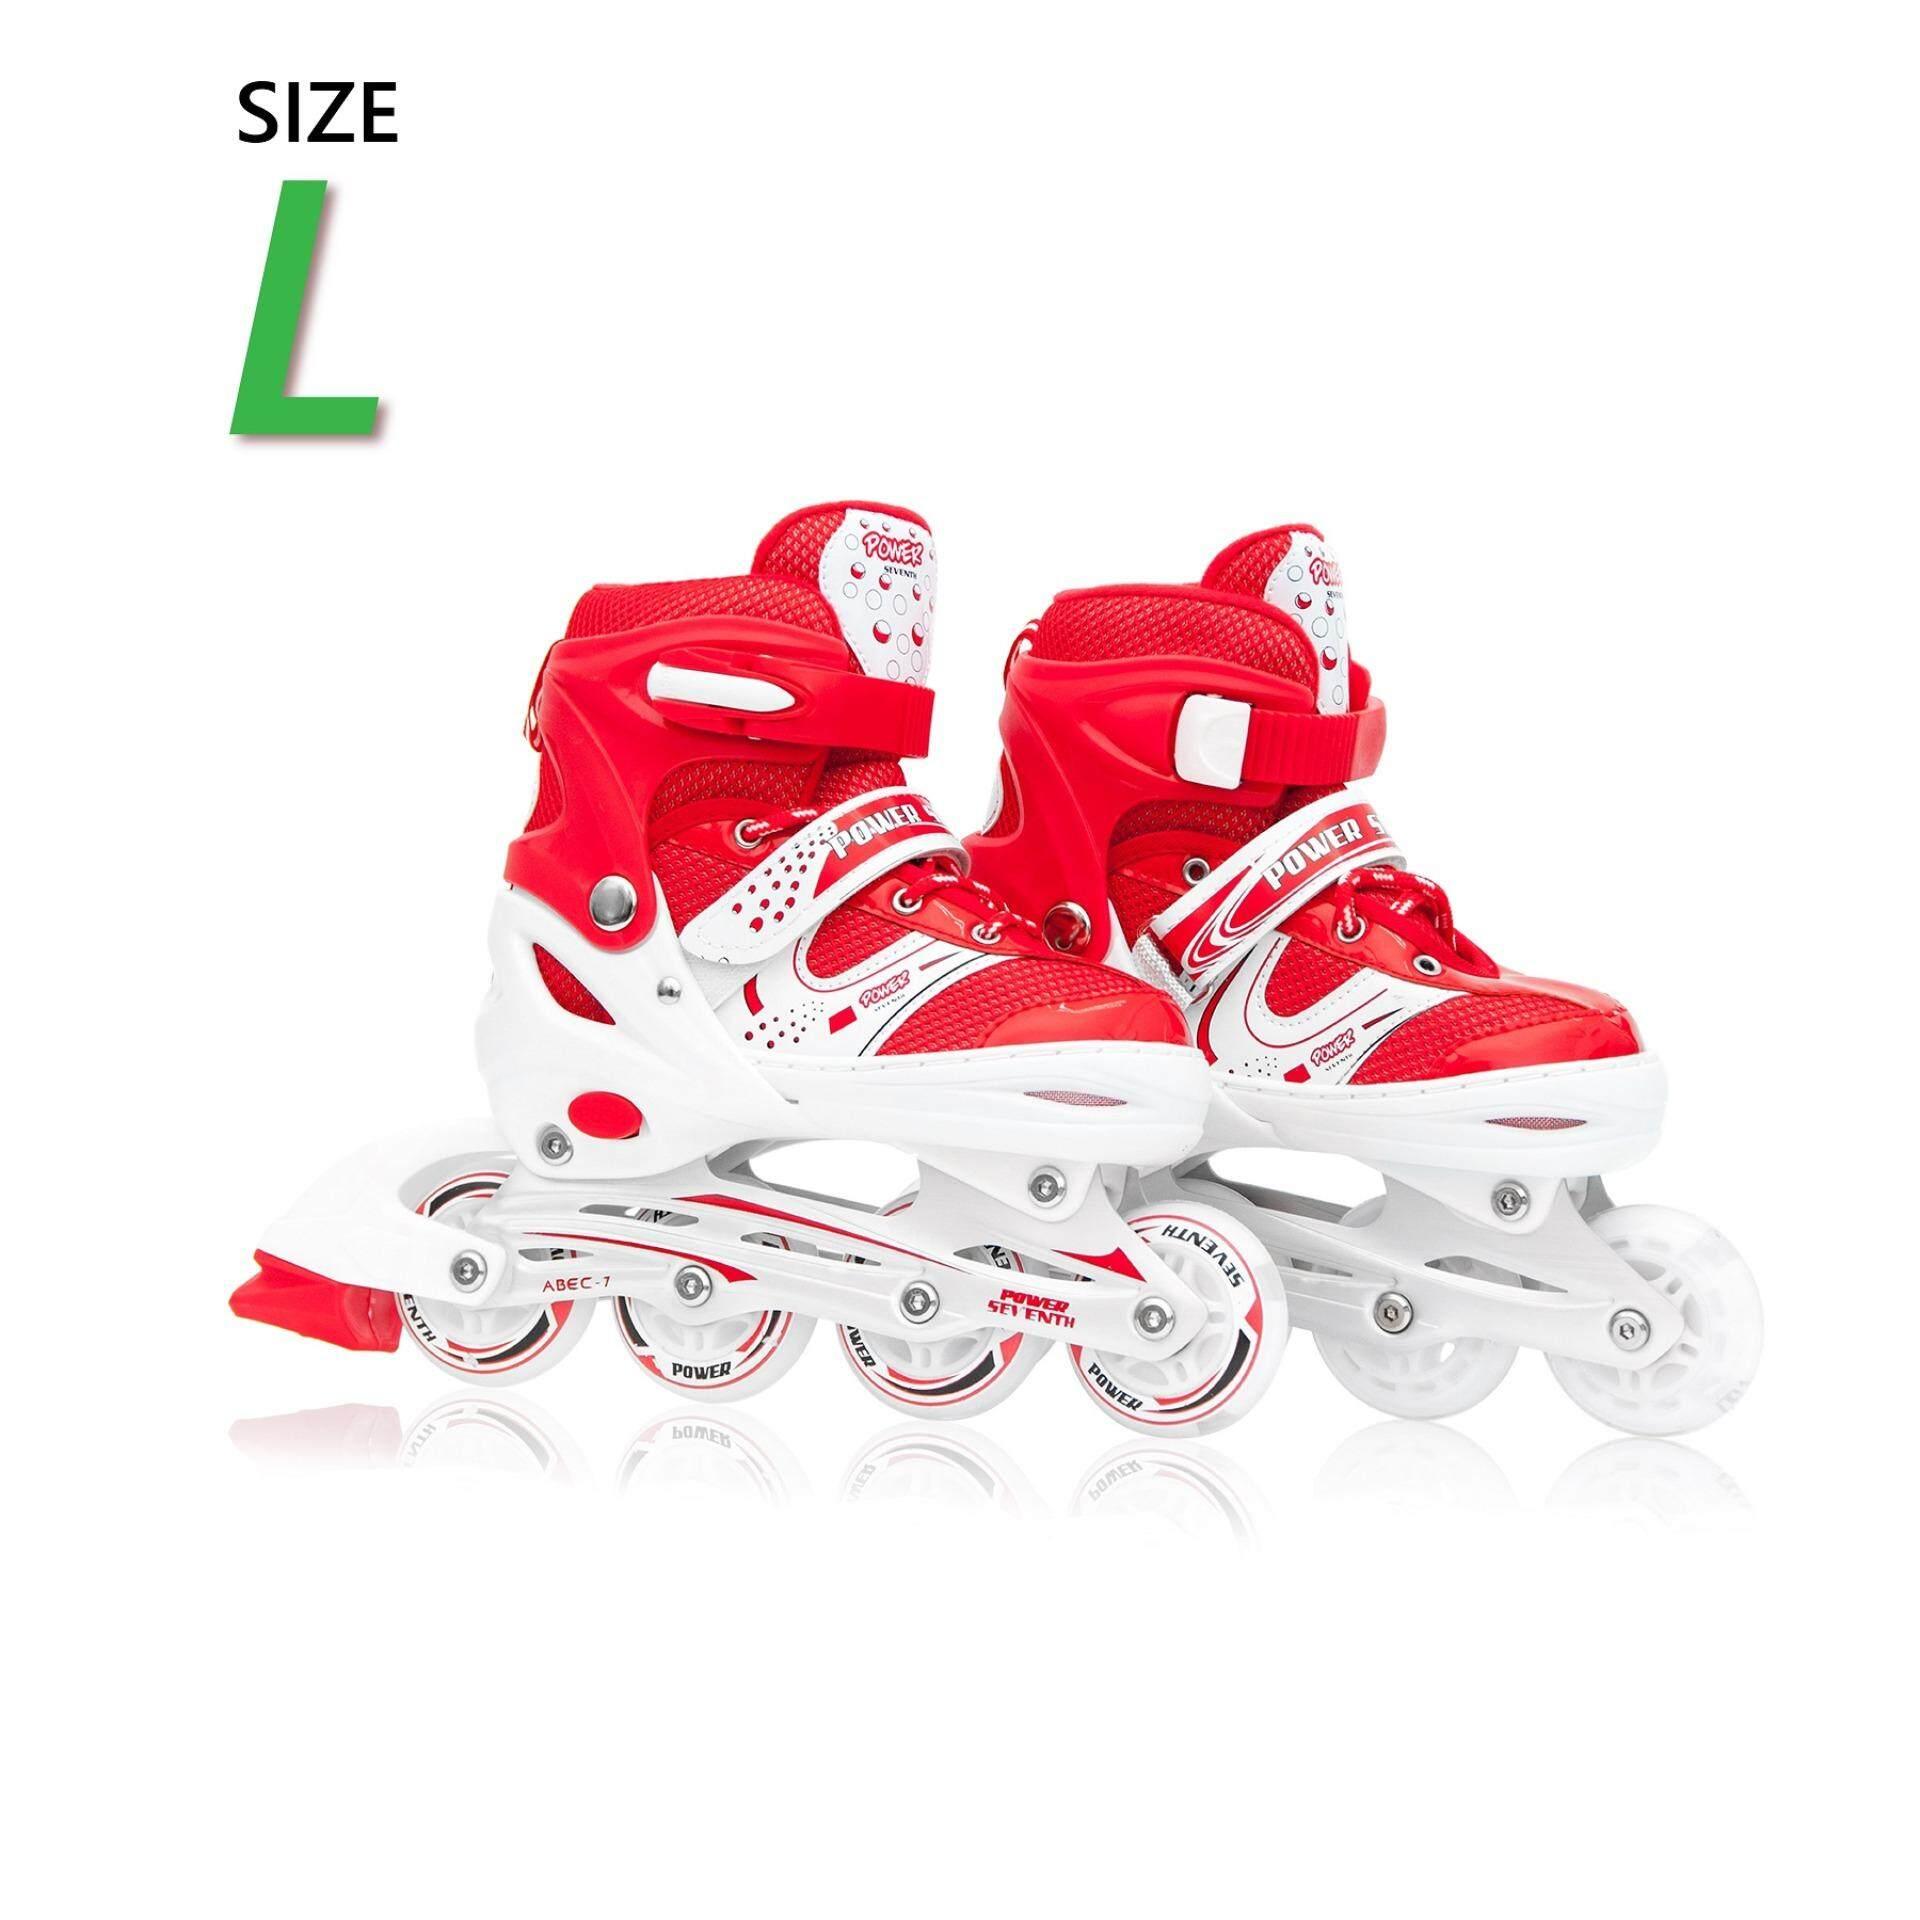 ขาย รองเท้าอินไลน์สเก็ต Premium Inline Skate Power Seventh Aluminium Tracks Abec 7 Wheels With Lights 0415A Warranty 1 Year เบอร์ 33 36 Red L ออนไลน์